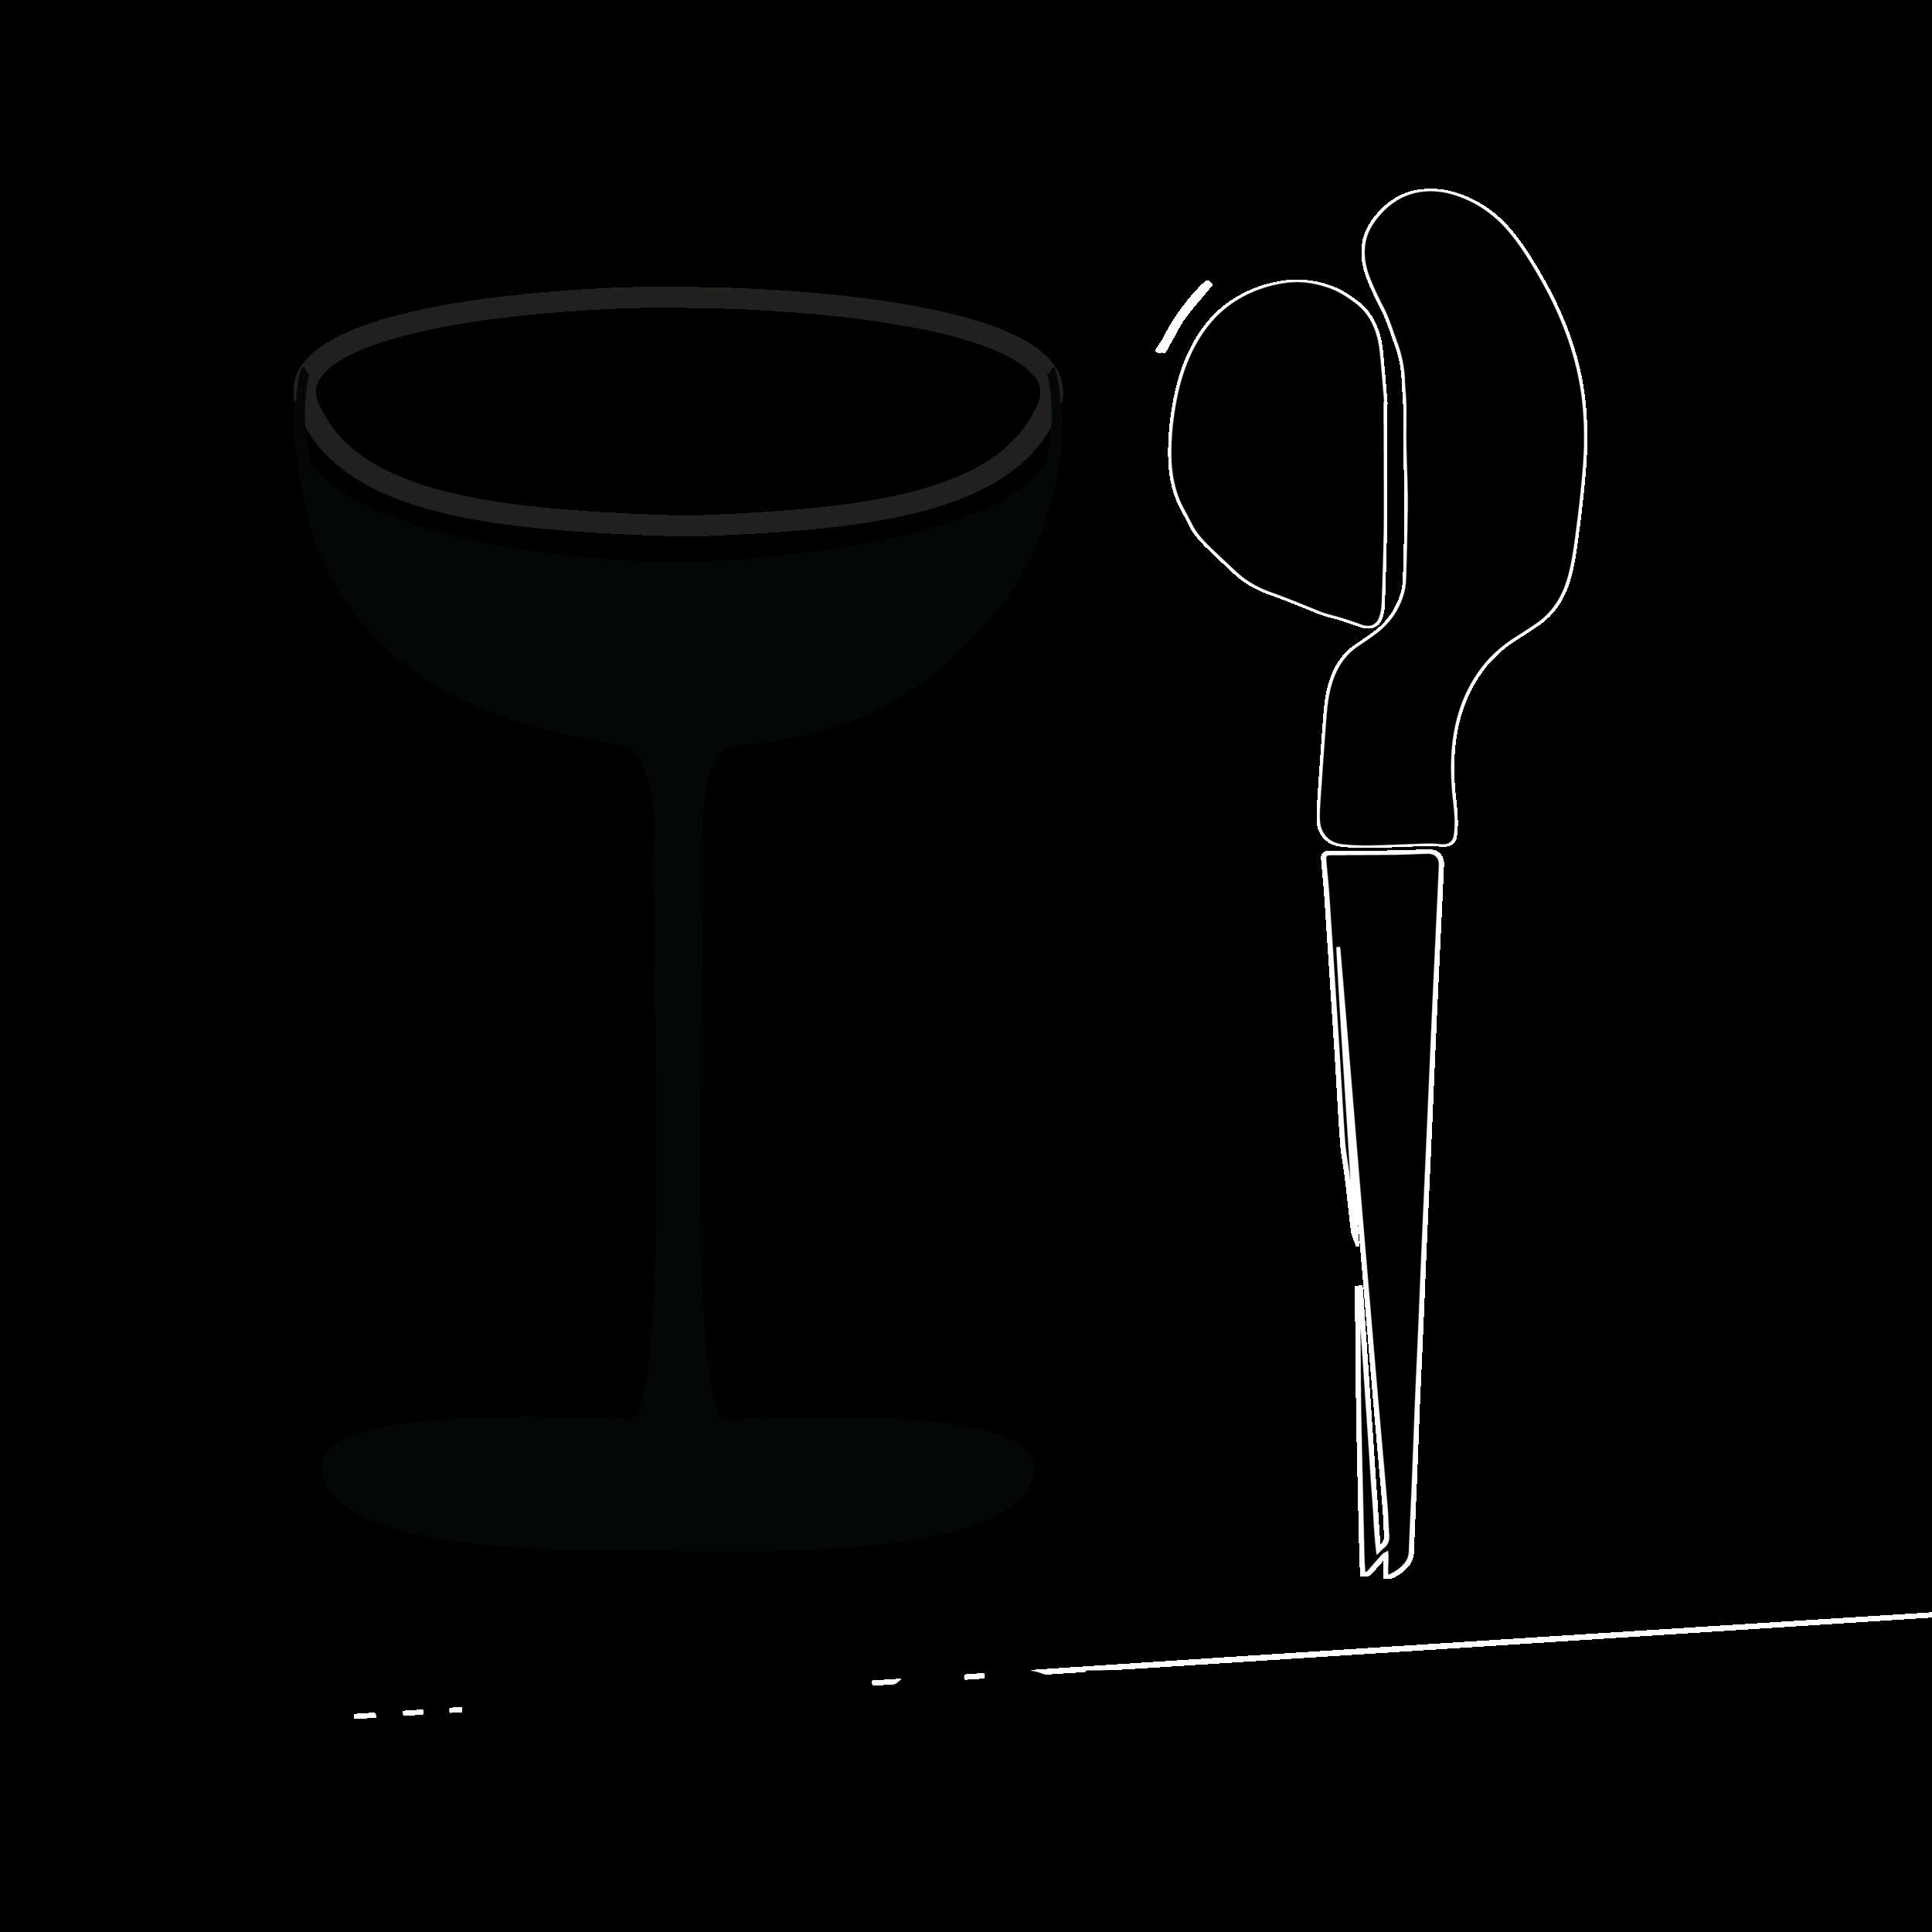 distill-creative-square-01.png